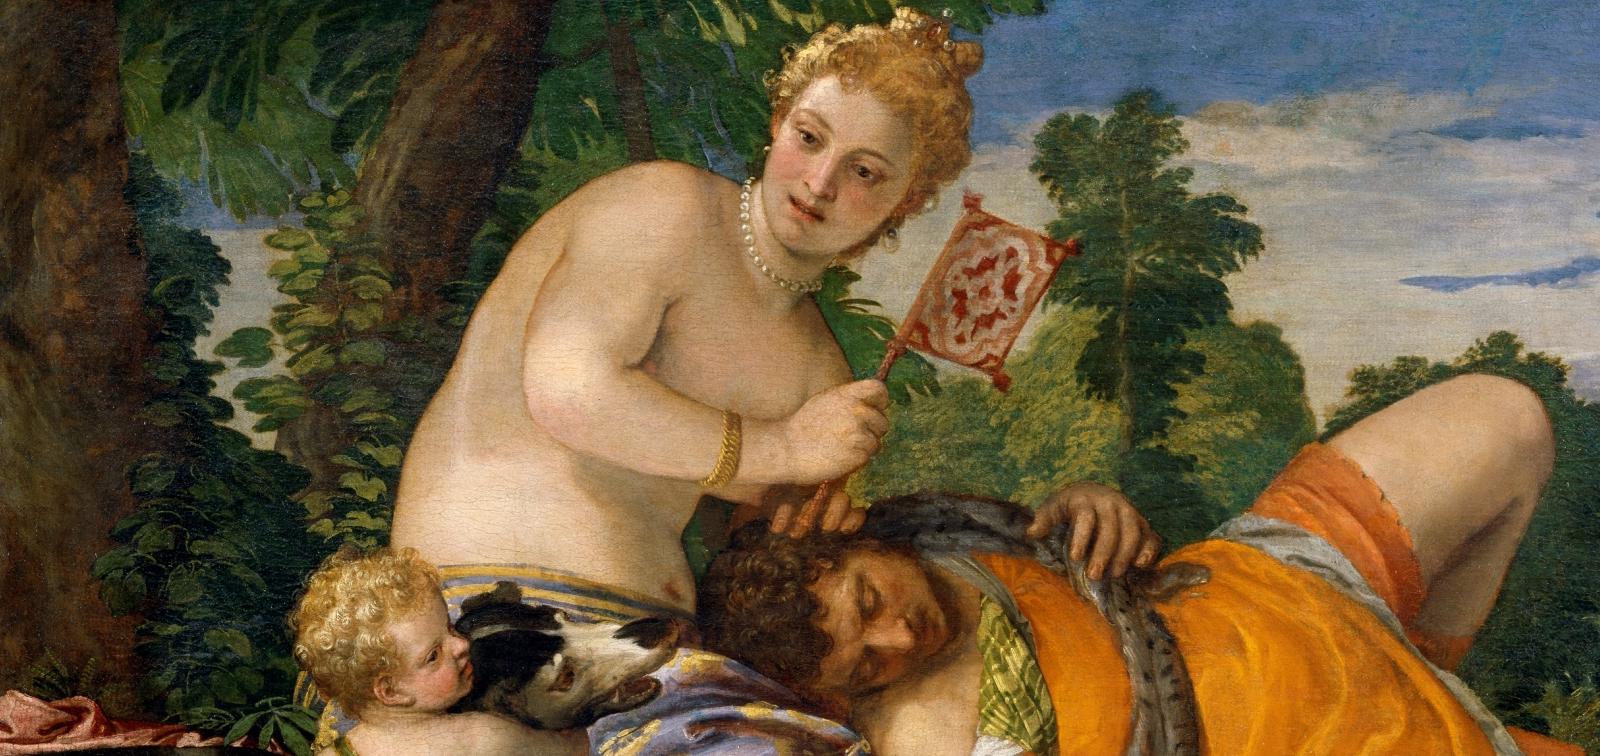 Una obra, un artista: <em>Venus y Adonis</em>, de Veronés